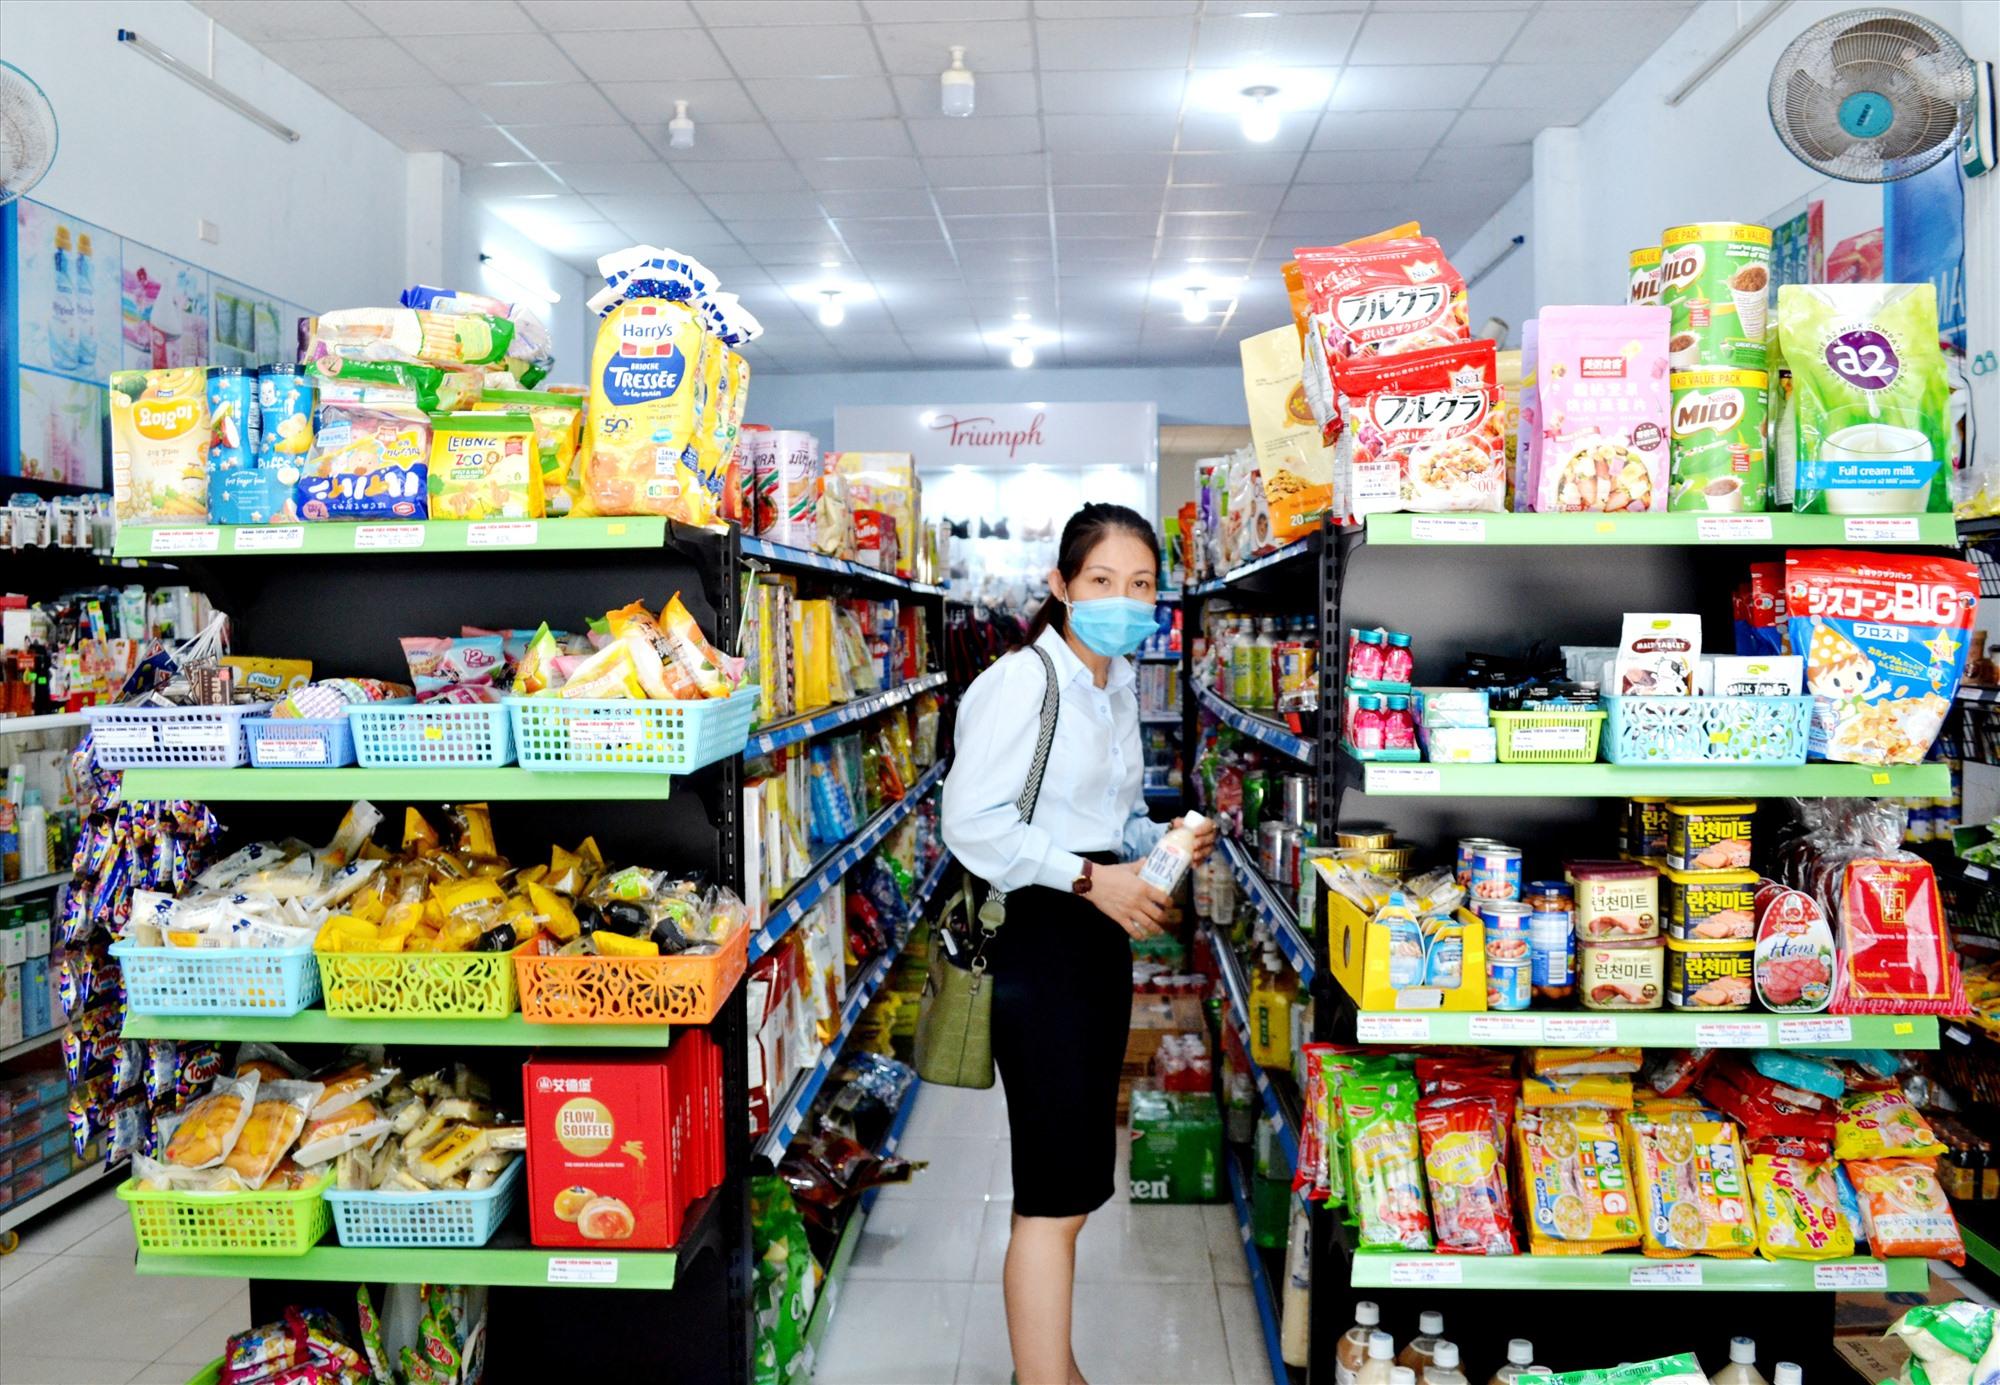 Với nhiều ưu thế, cửa hàng tiện lợi đang thu hút mạnh khách hàng mua sắm hàng hóa. Ảnh: VIỆT NGUYỄN